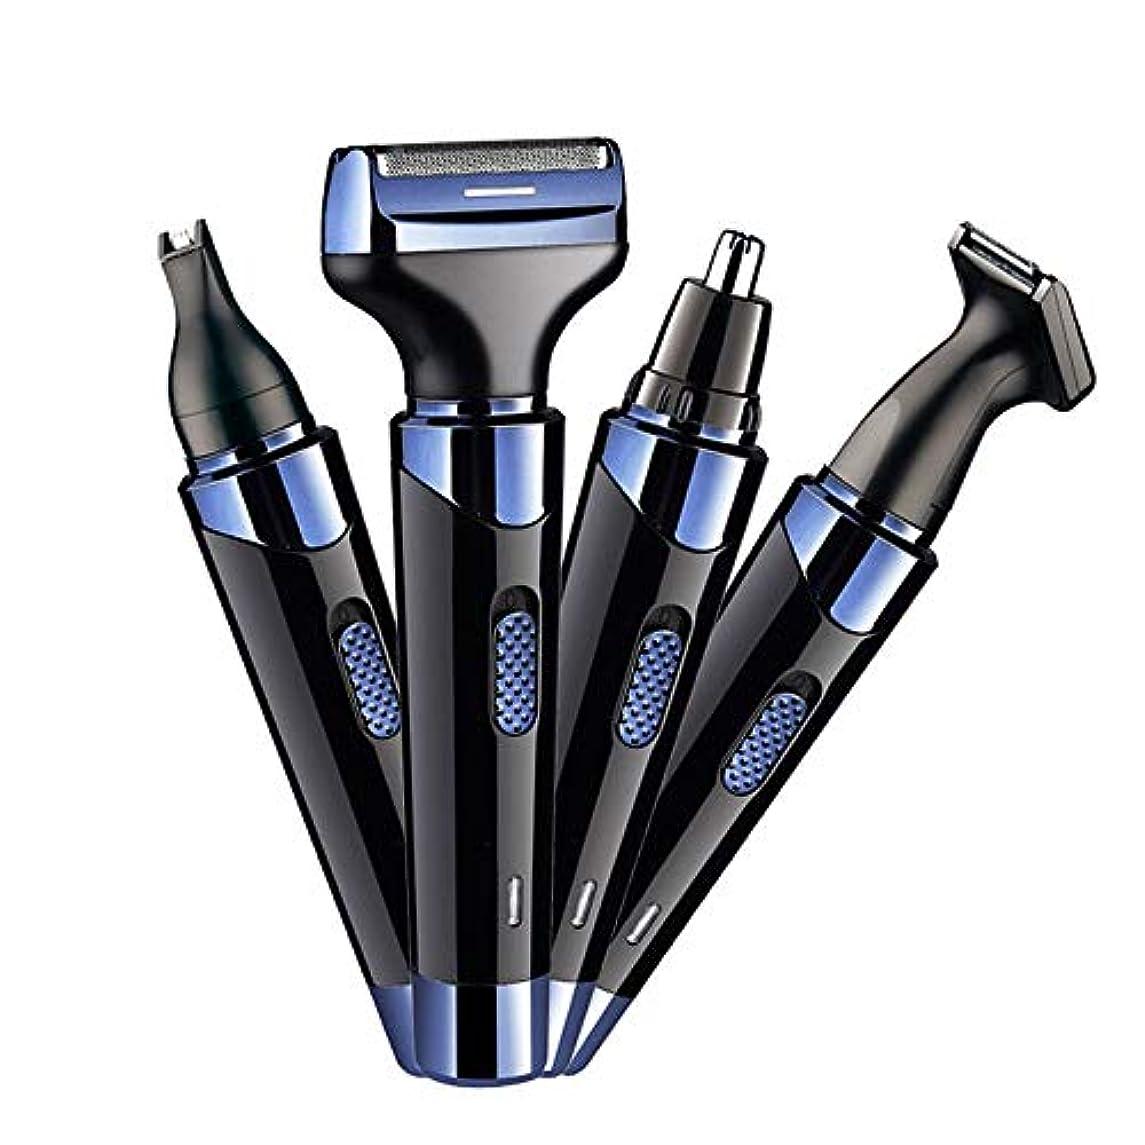 辞任時計回りアトラスシェービング鼻毛クリーニングミニシェービングレタリング修理ナイフ多機能充電メンズ鼻毛トリマー - 多機能電動式 眉毛シェーバー (Color : Blue, Size : USB)